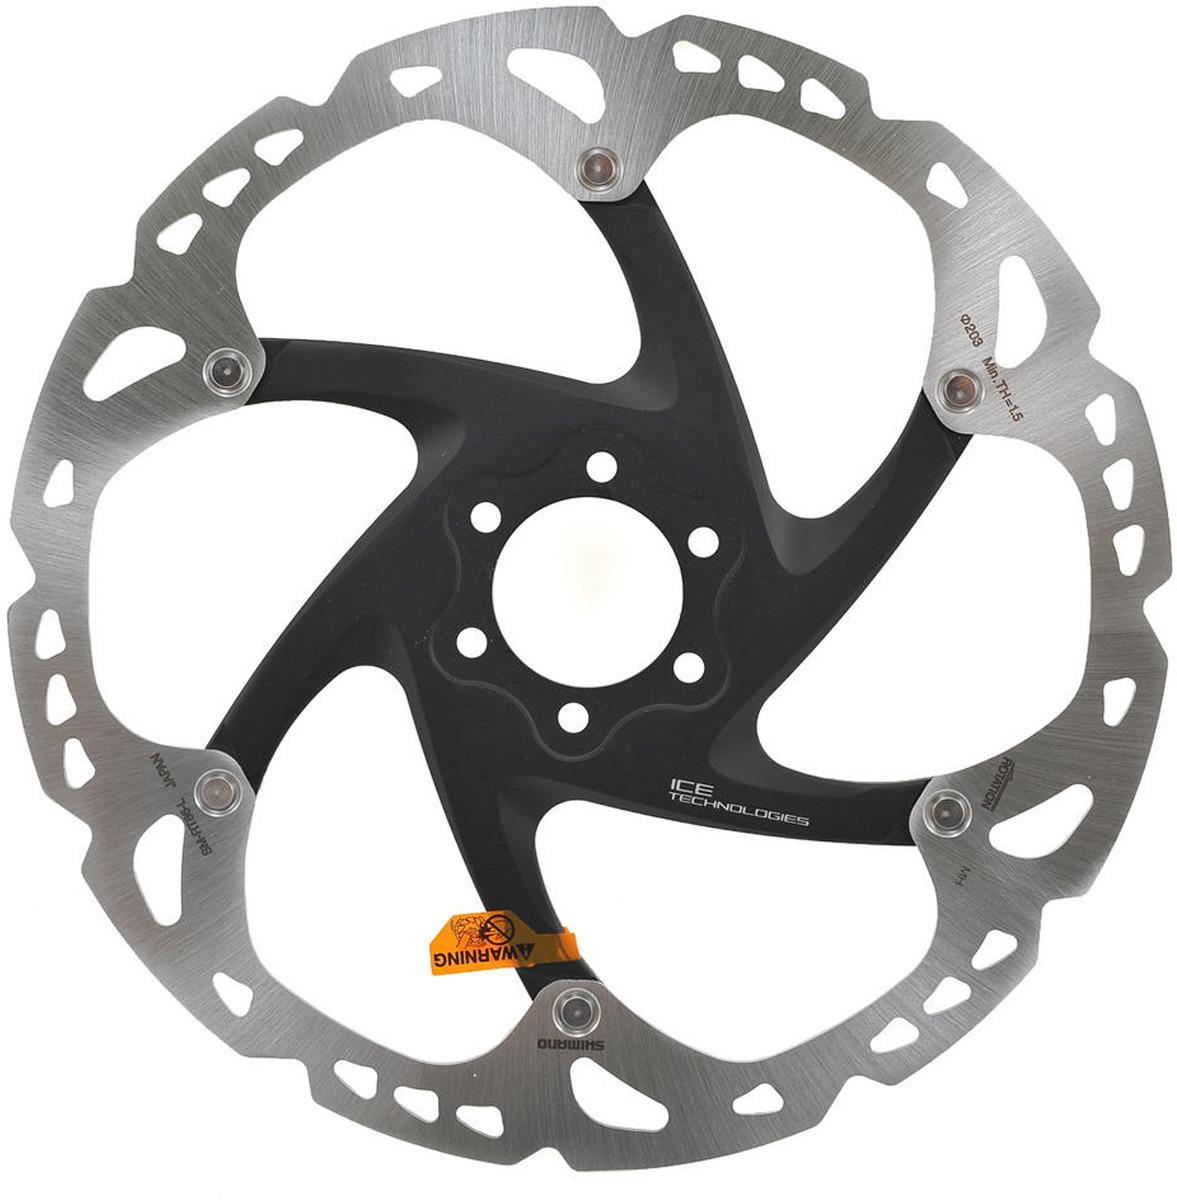 Тормозной диск для велосипела Shimano XT, RT86, 203 мм, 6-болт, ISMRT86L2 тормозной диск shimano deore rt64 203 мм